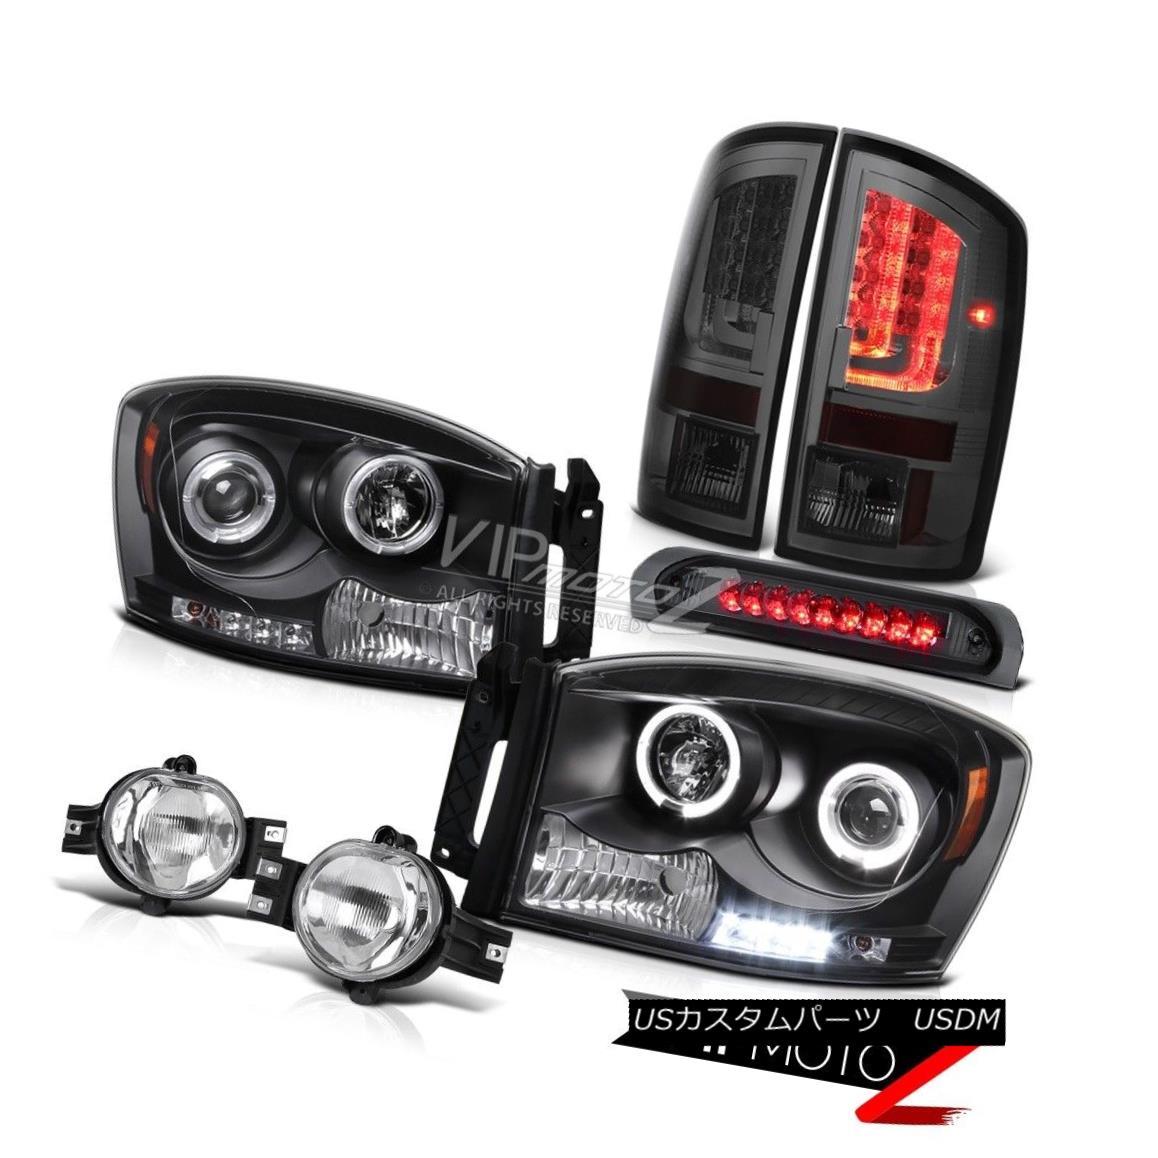 ヘッドライト 07-08 Dodge Ram 1500 5.7L Tail Lamps Headlamps Fog Roof Brake Lamp Tron Tube LED 07-08ダッジラム1500 5.7LテールランプヘッドランプフォグルーフブレーキランプトロンチューブLED